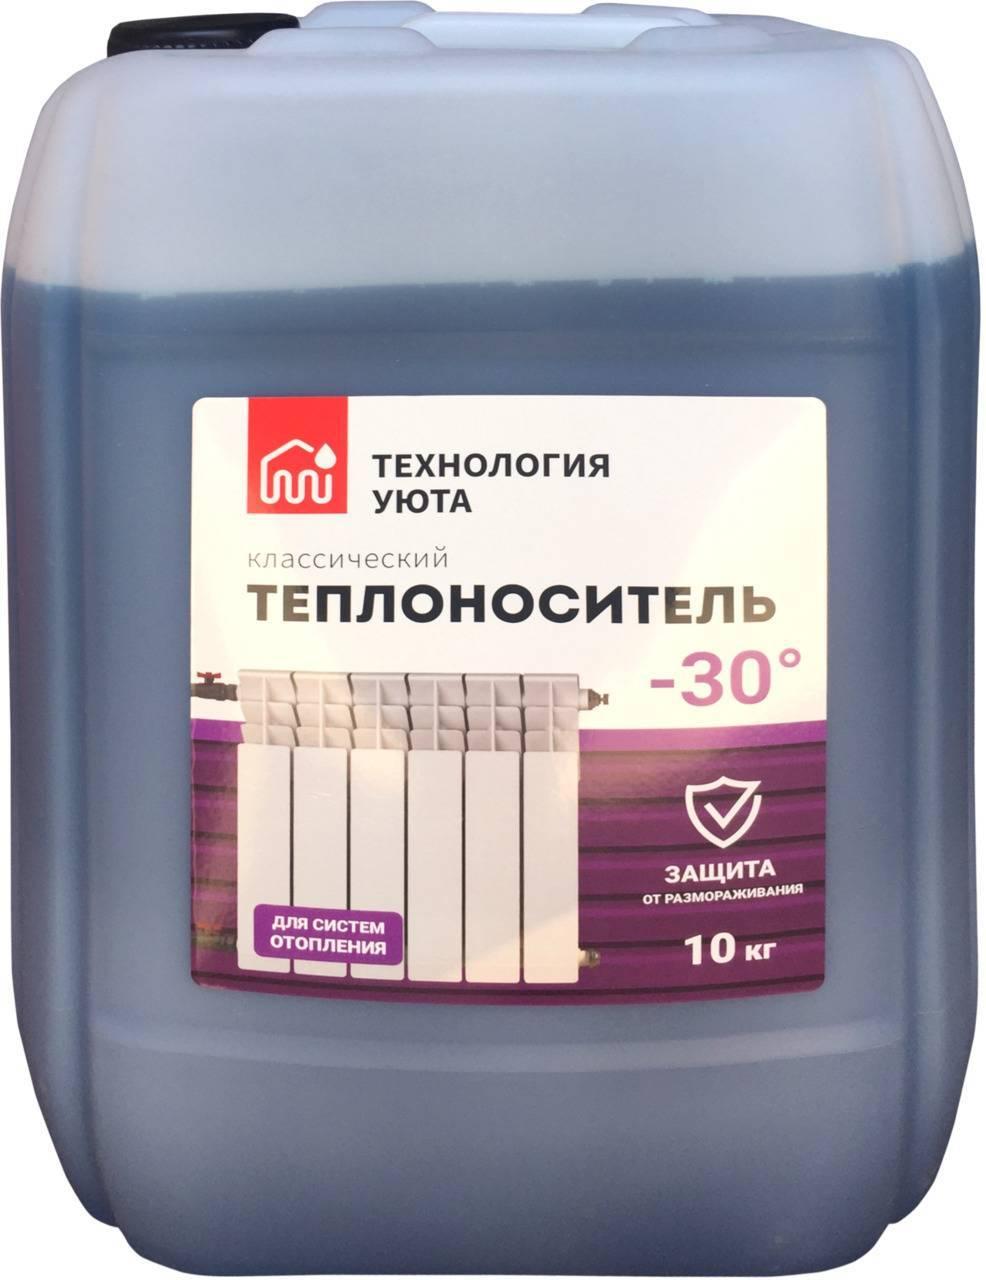 Отопительная жидкость для котлов и батарей отопления